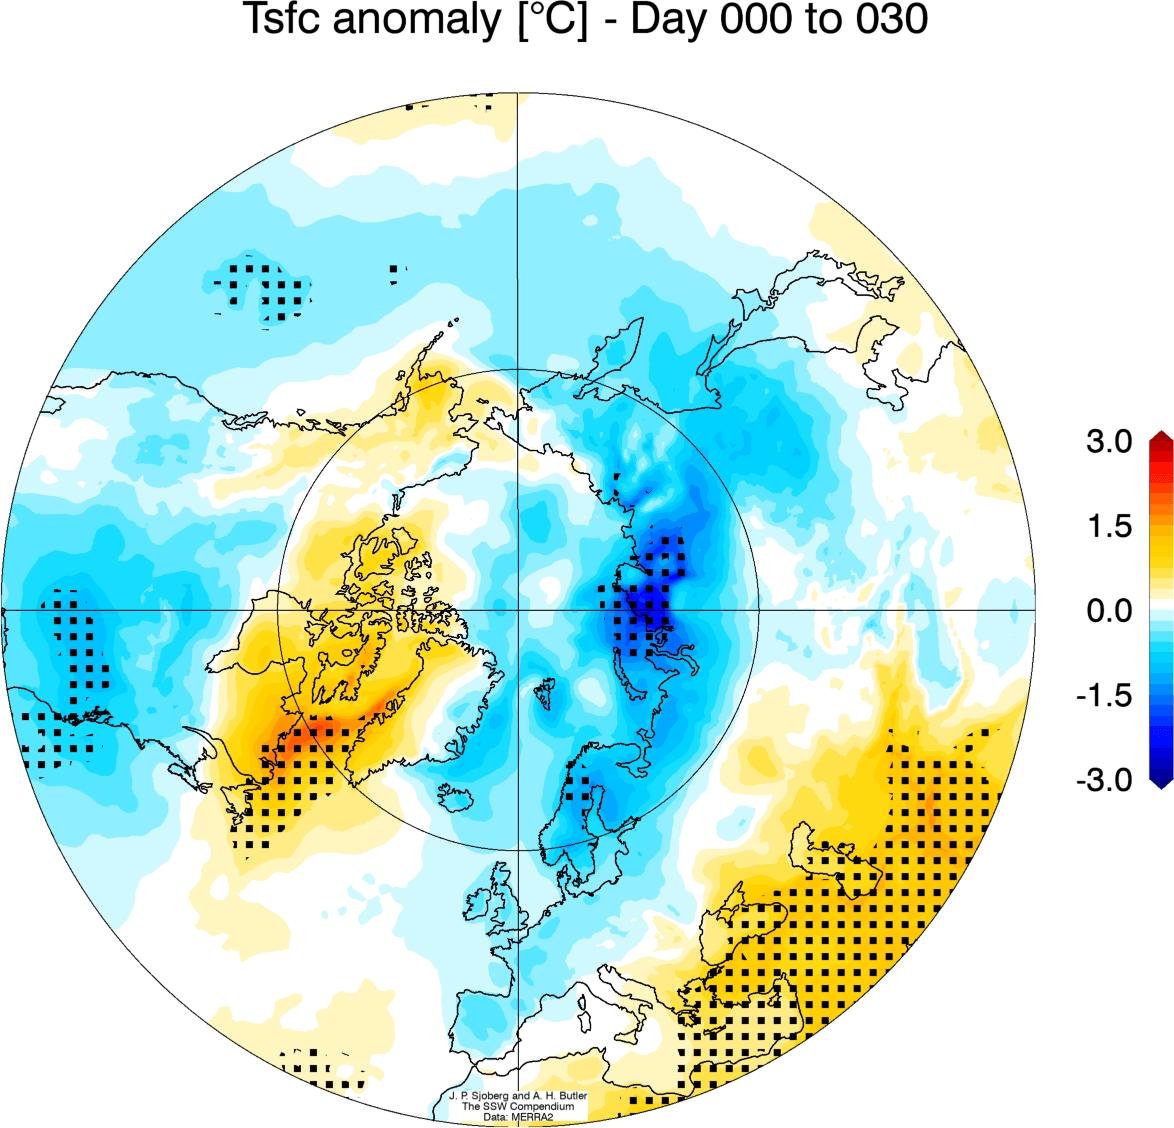 polar-vortex-winter-stratospheric-warming-surface-temperature-change